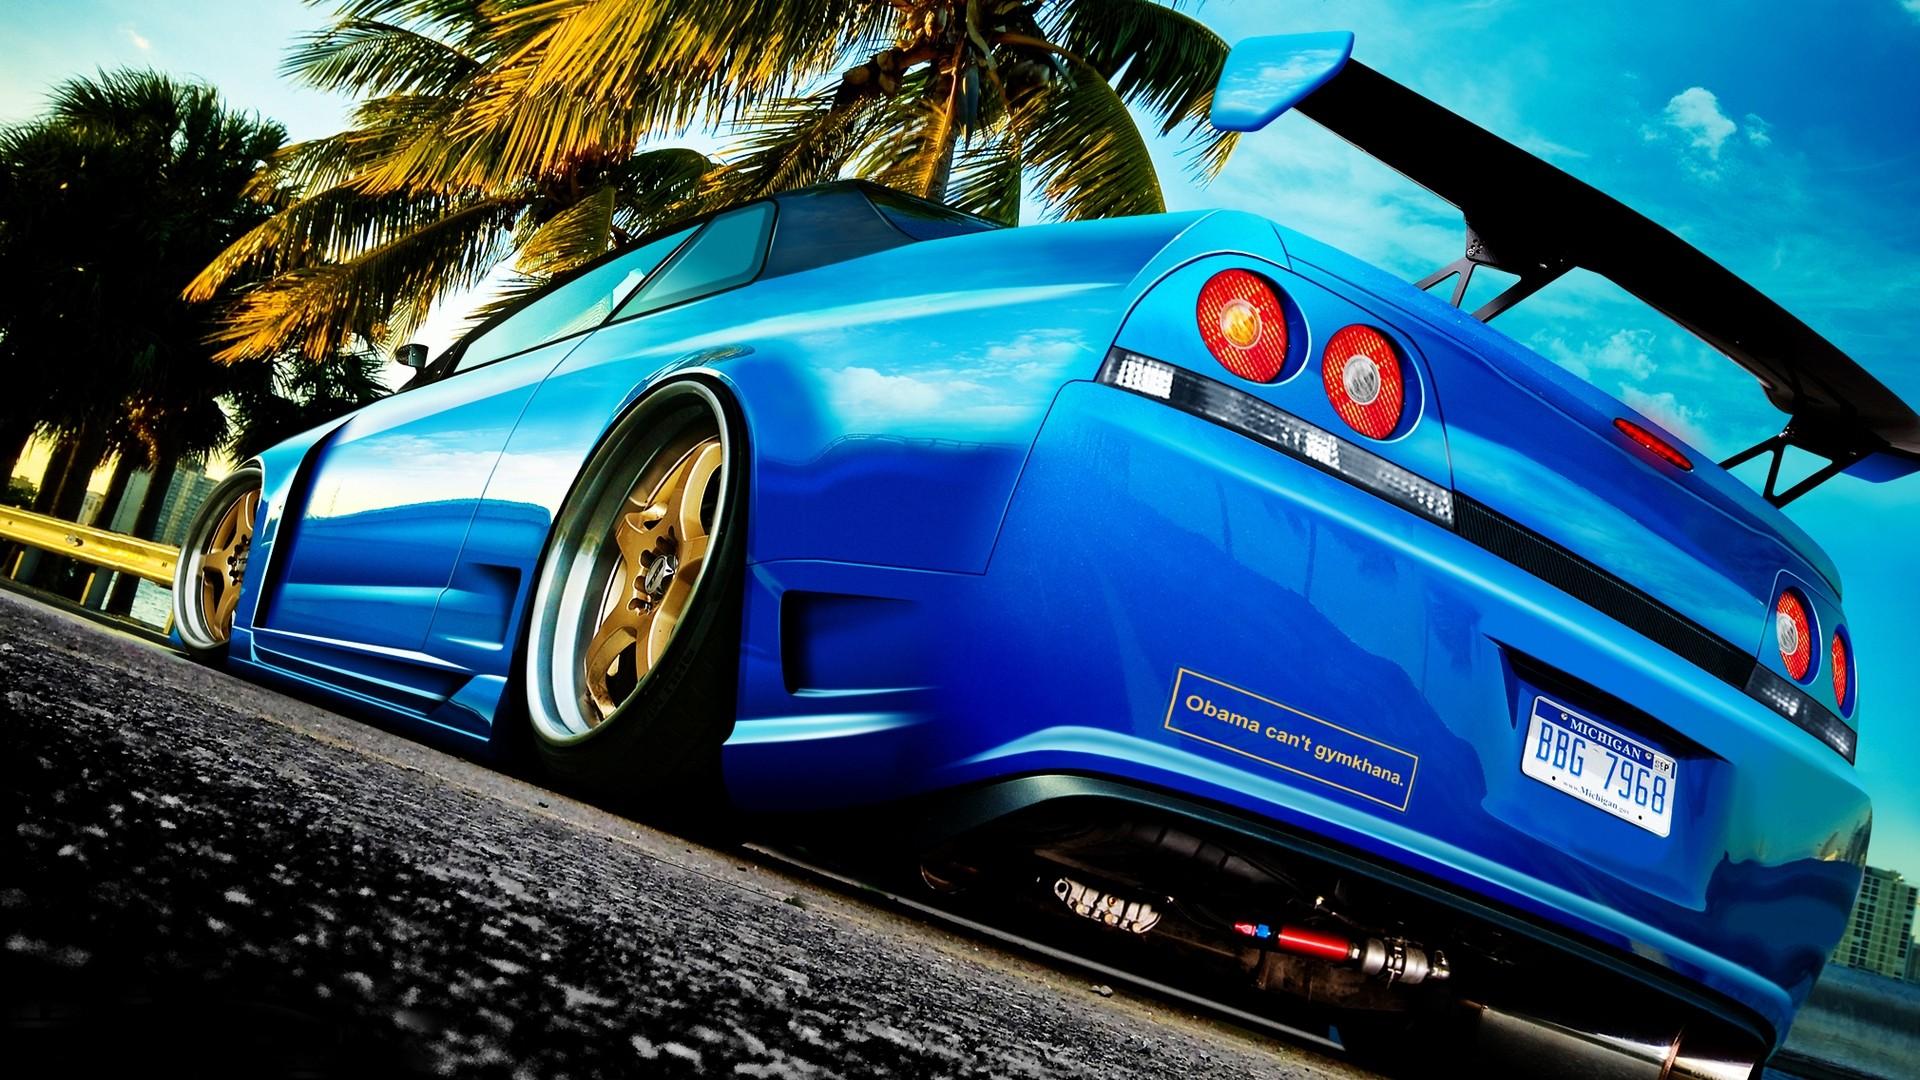 Blue Car Wallpaper HD